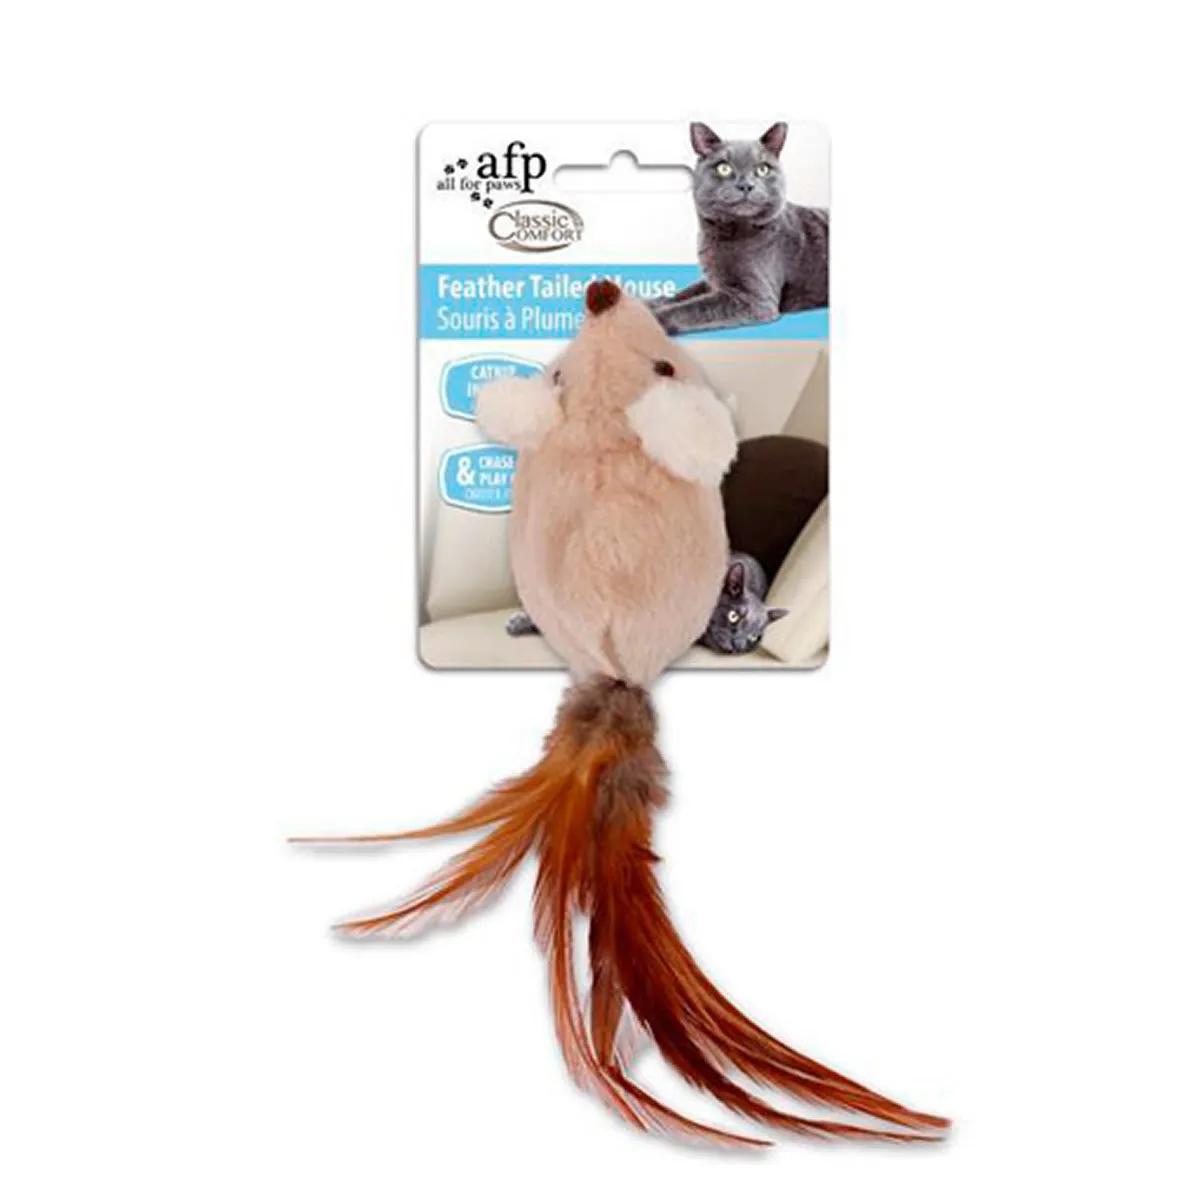 Brinquedo para Gatos AFP Classic Comfort Rato com Rabo de Penas Bege - Feather Tailed Mouse